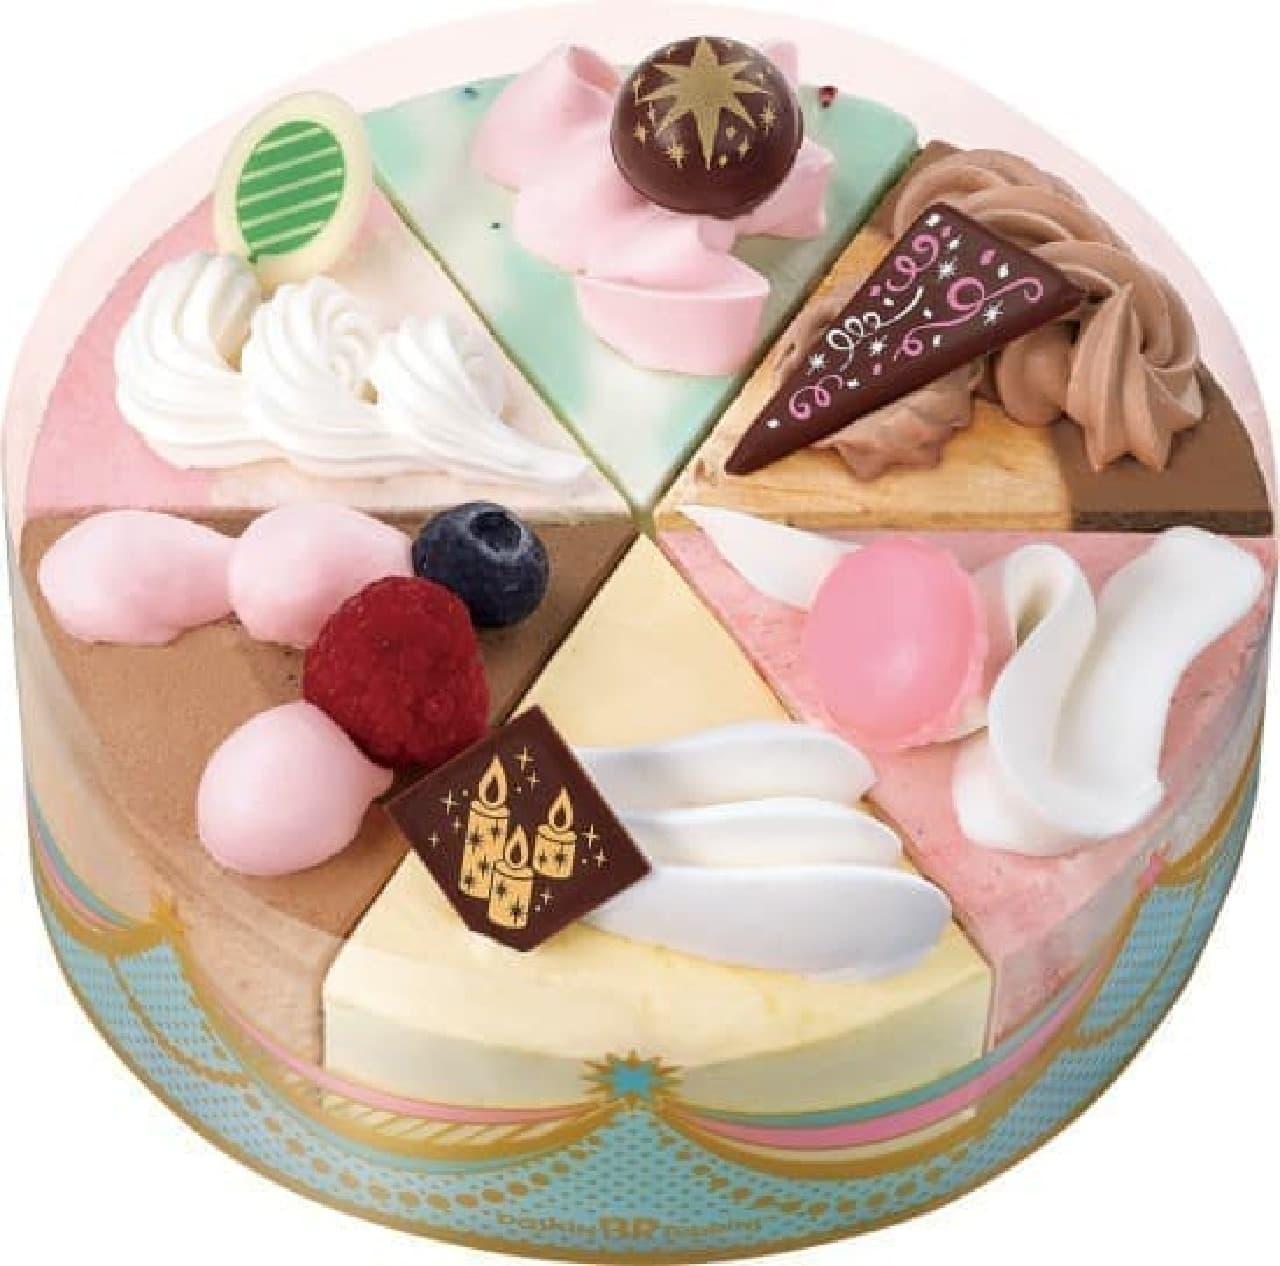 サーティワン アイスクリーム「パレット6 パーティー」